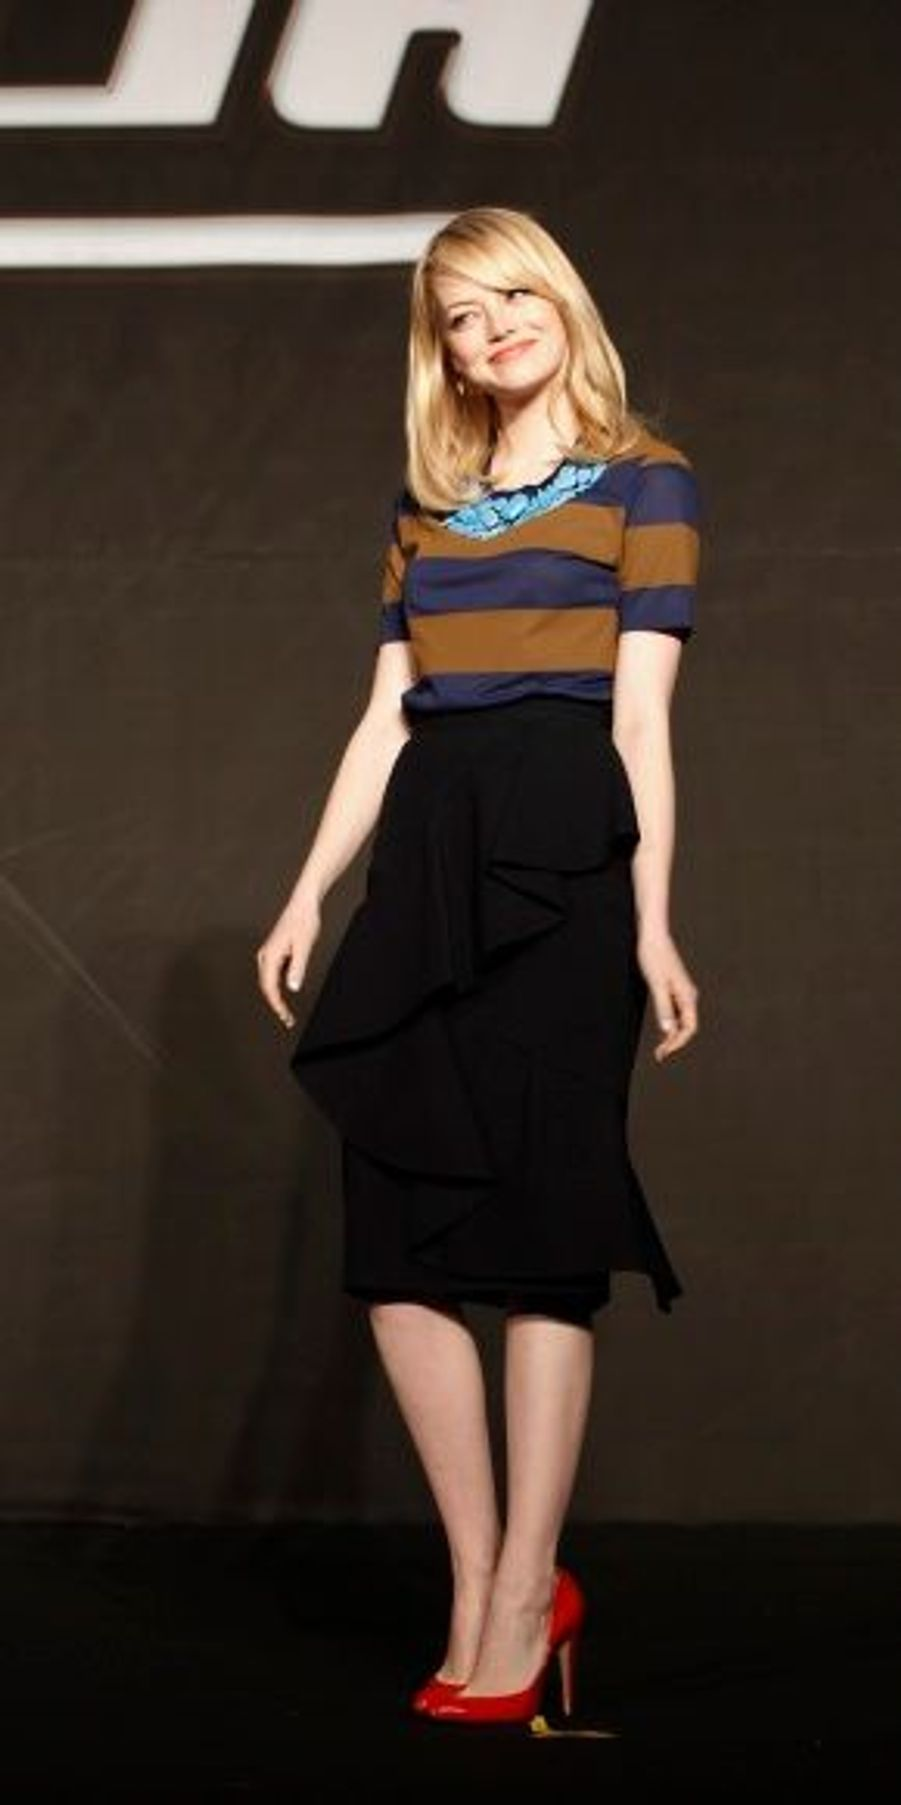 Le 14 juin, Séoul. Pour cette nouvelle conférence, l'actrice de 23 ans était habillée d'une jupe taille haute noire assortie à un top à rayures Burberry Prorsum. Elle portait des chaussures griffées Brian Atwood.